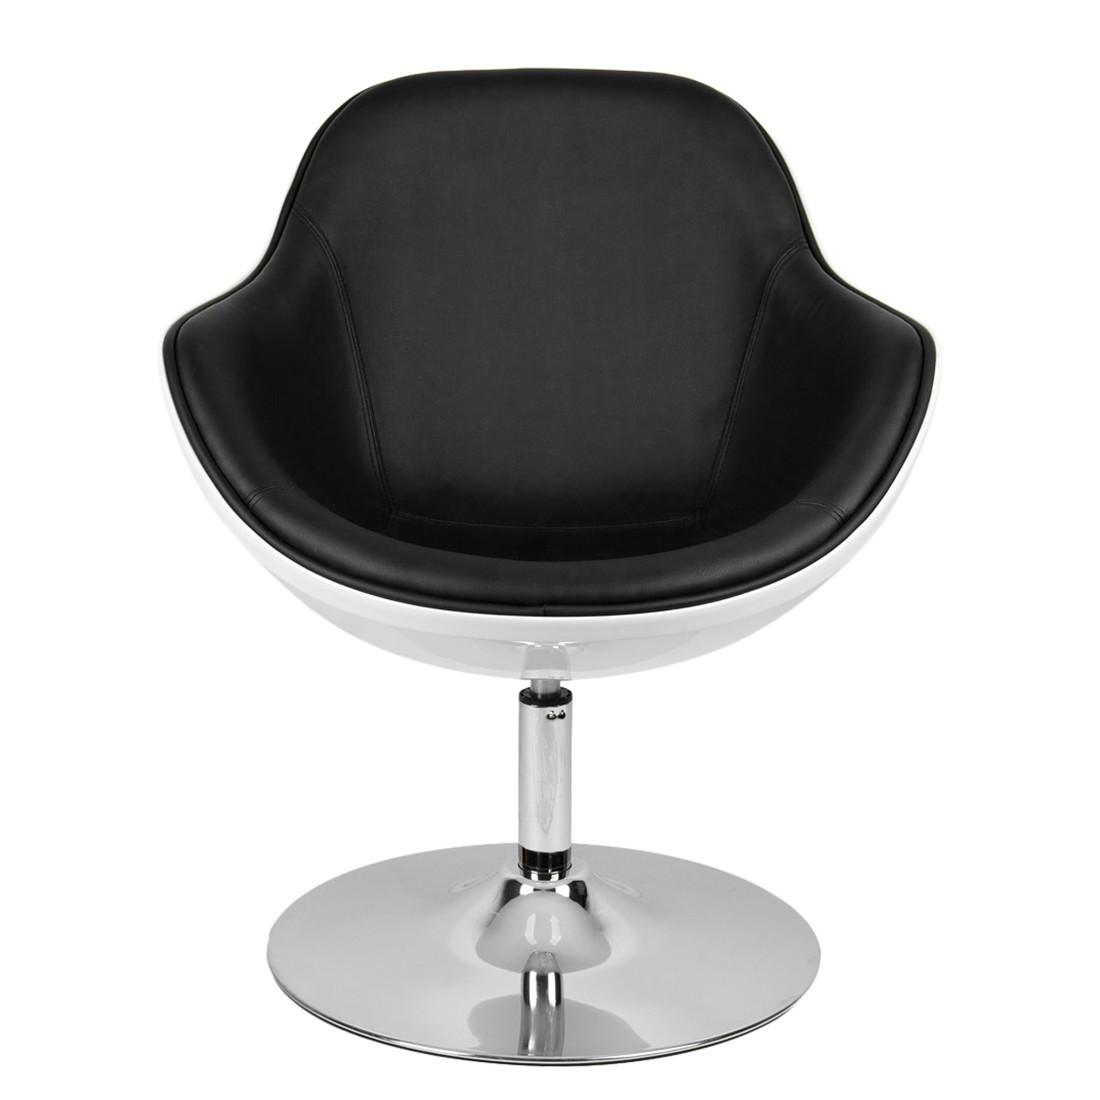 Lounge sessel schwarz  Sessel Cartago Kunstleder | home24